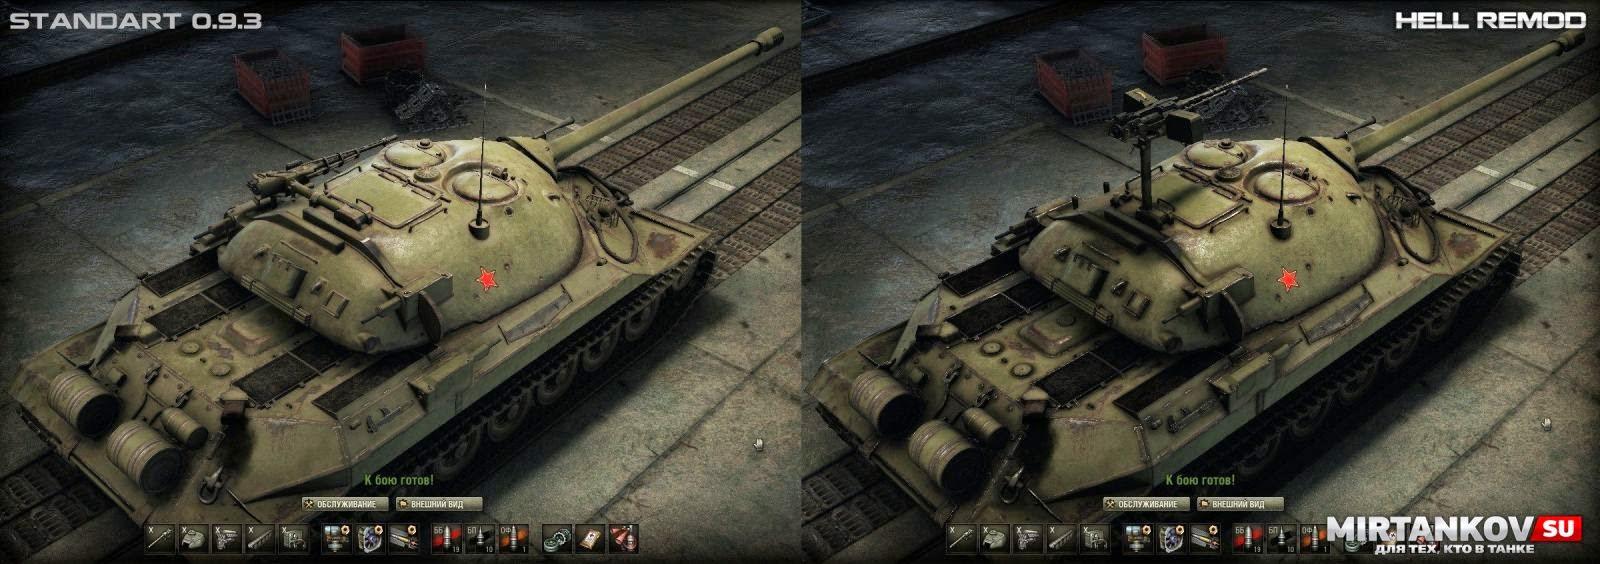 world of tanks blitz forum türkiye